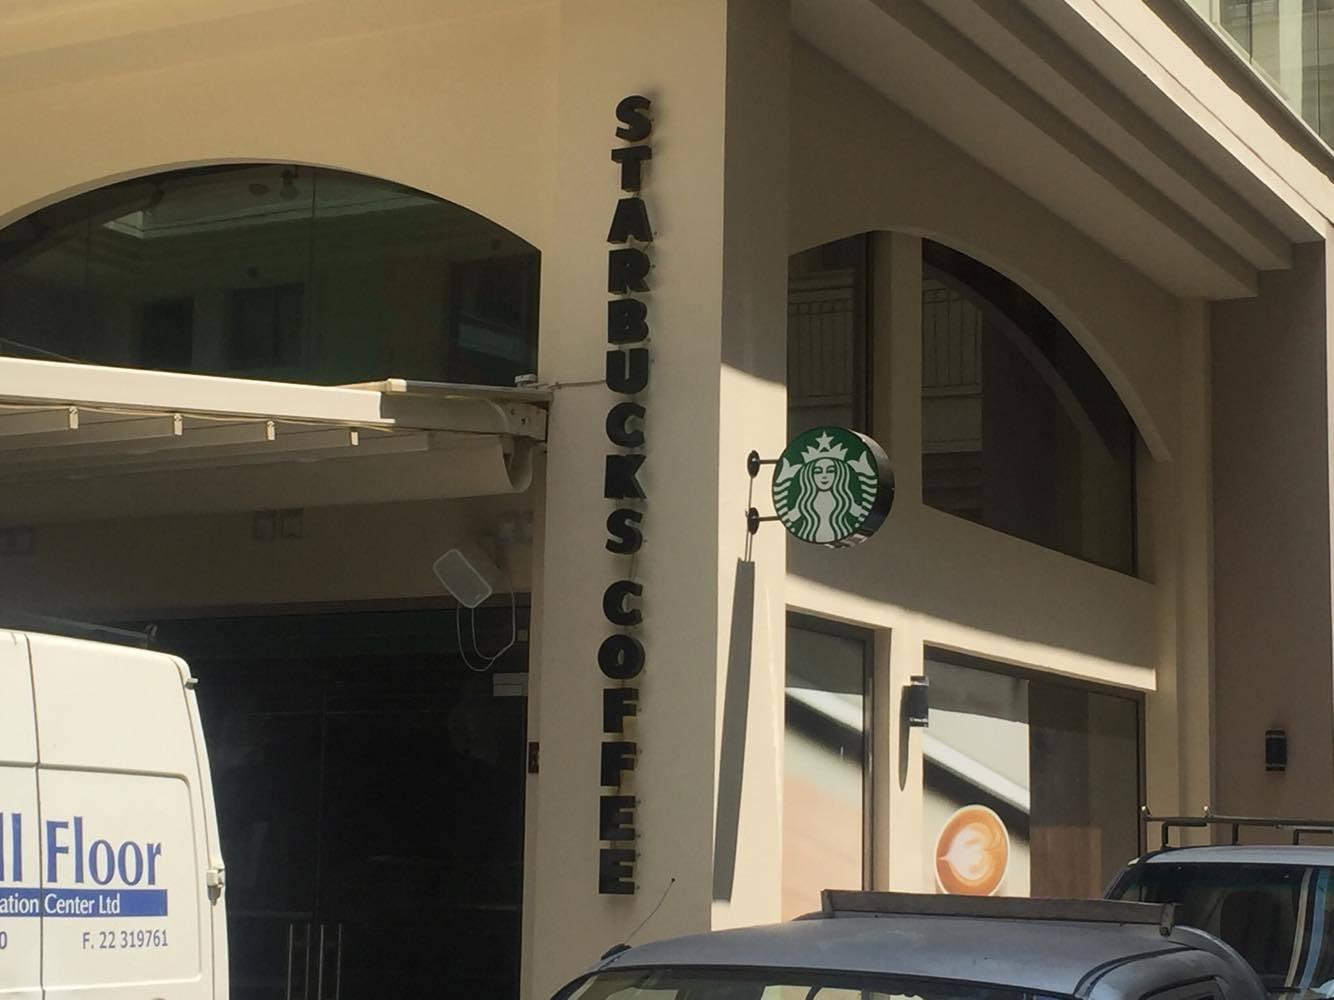 Έρχεται ολοκαίνουργιο Starbucks στην καρδιά της Λάρνακας (pics & video)